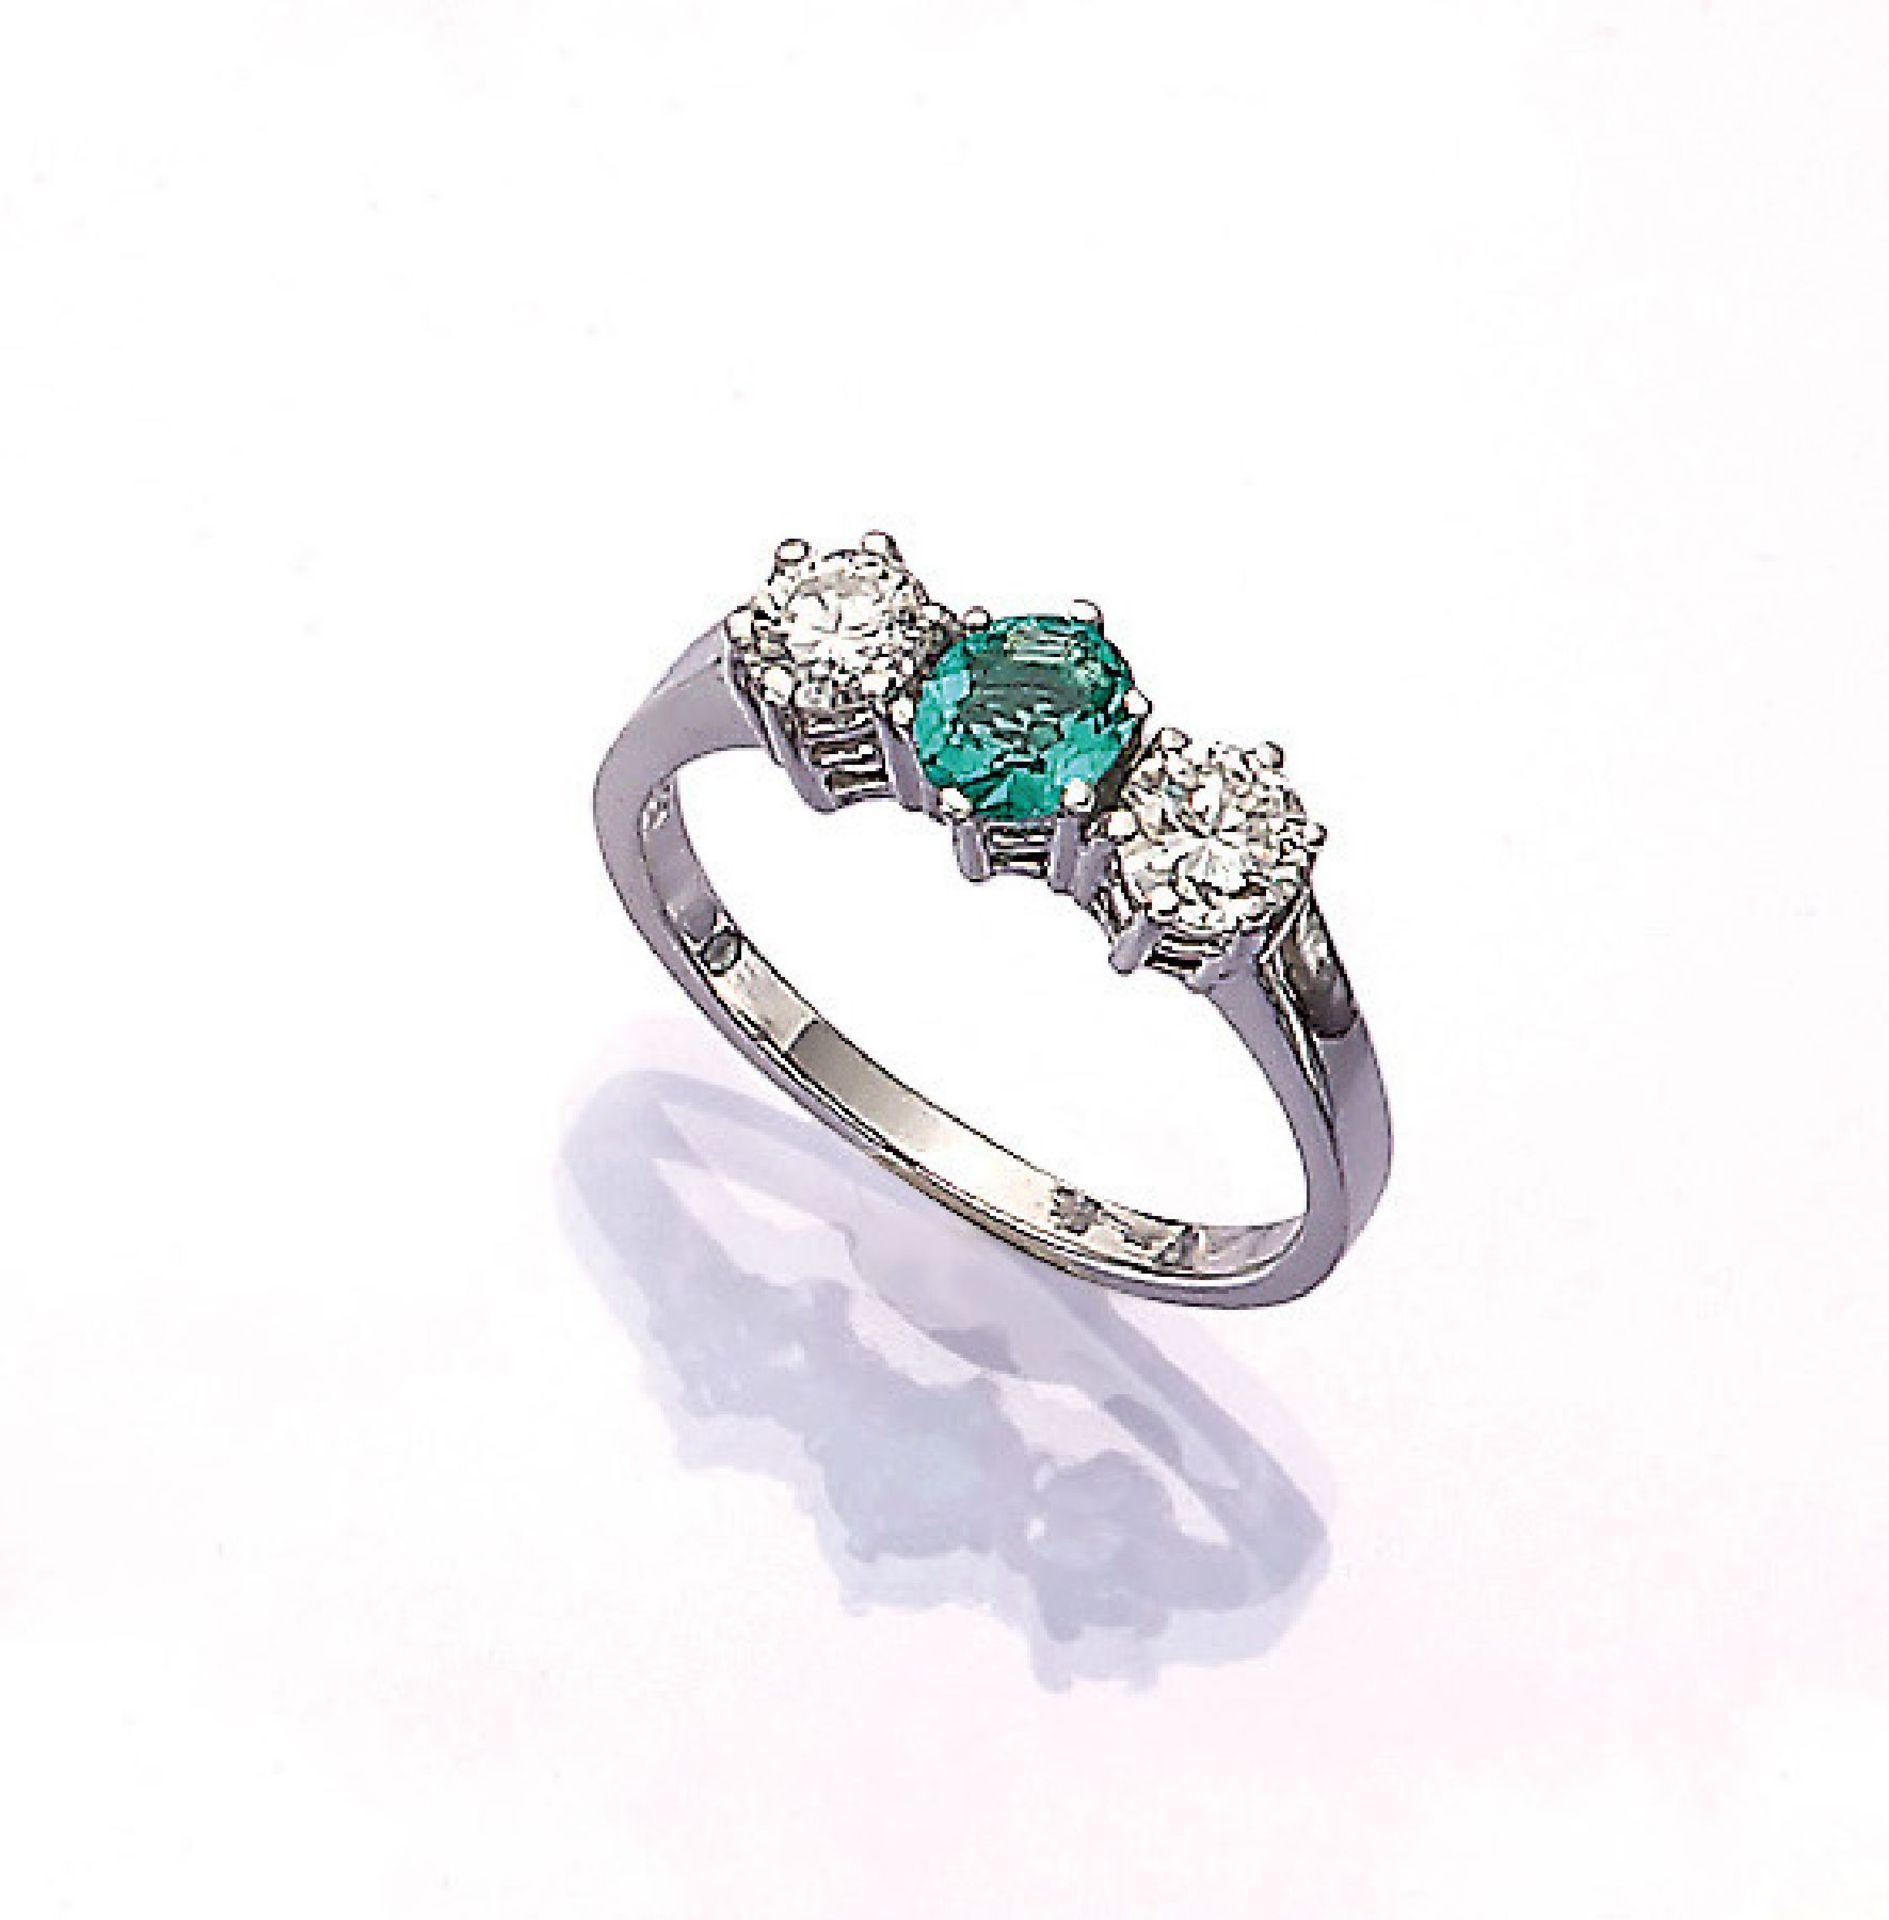 Los 31552 - 18 kt Gold Ring mit Smaragd und Brillanten, WG 750/000, ovalfacett. Smaragd ca. 0.50 ct, 2 Brill.